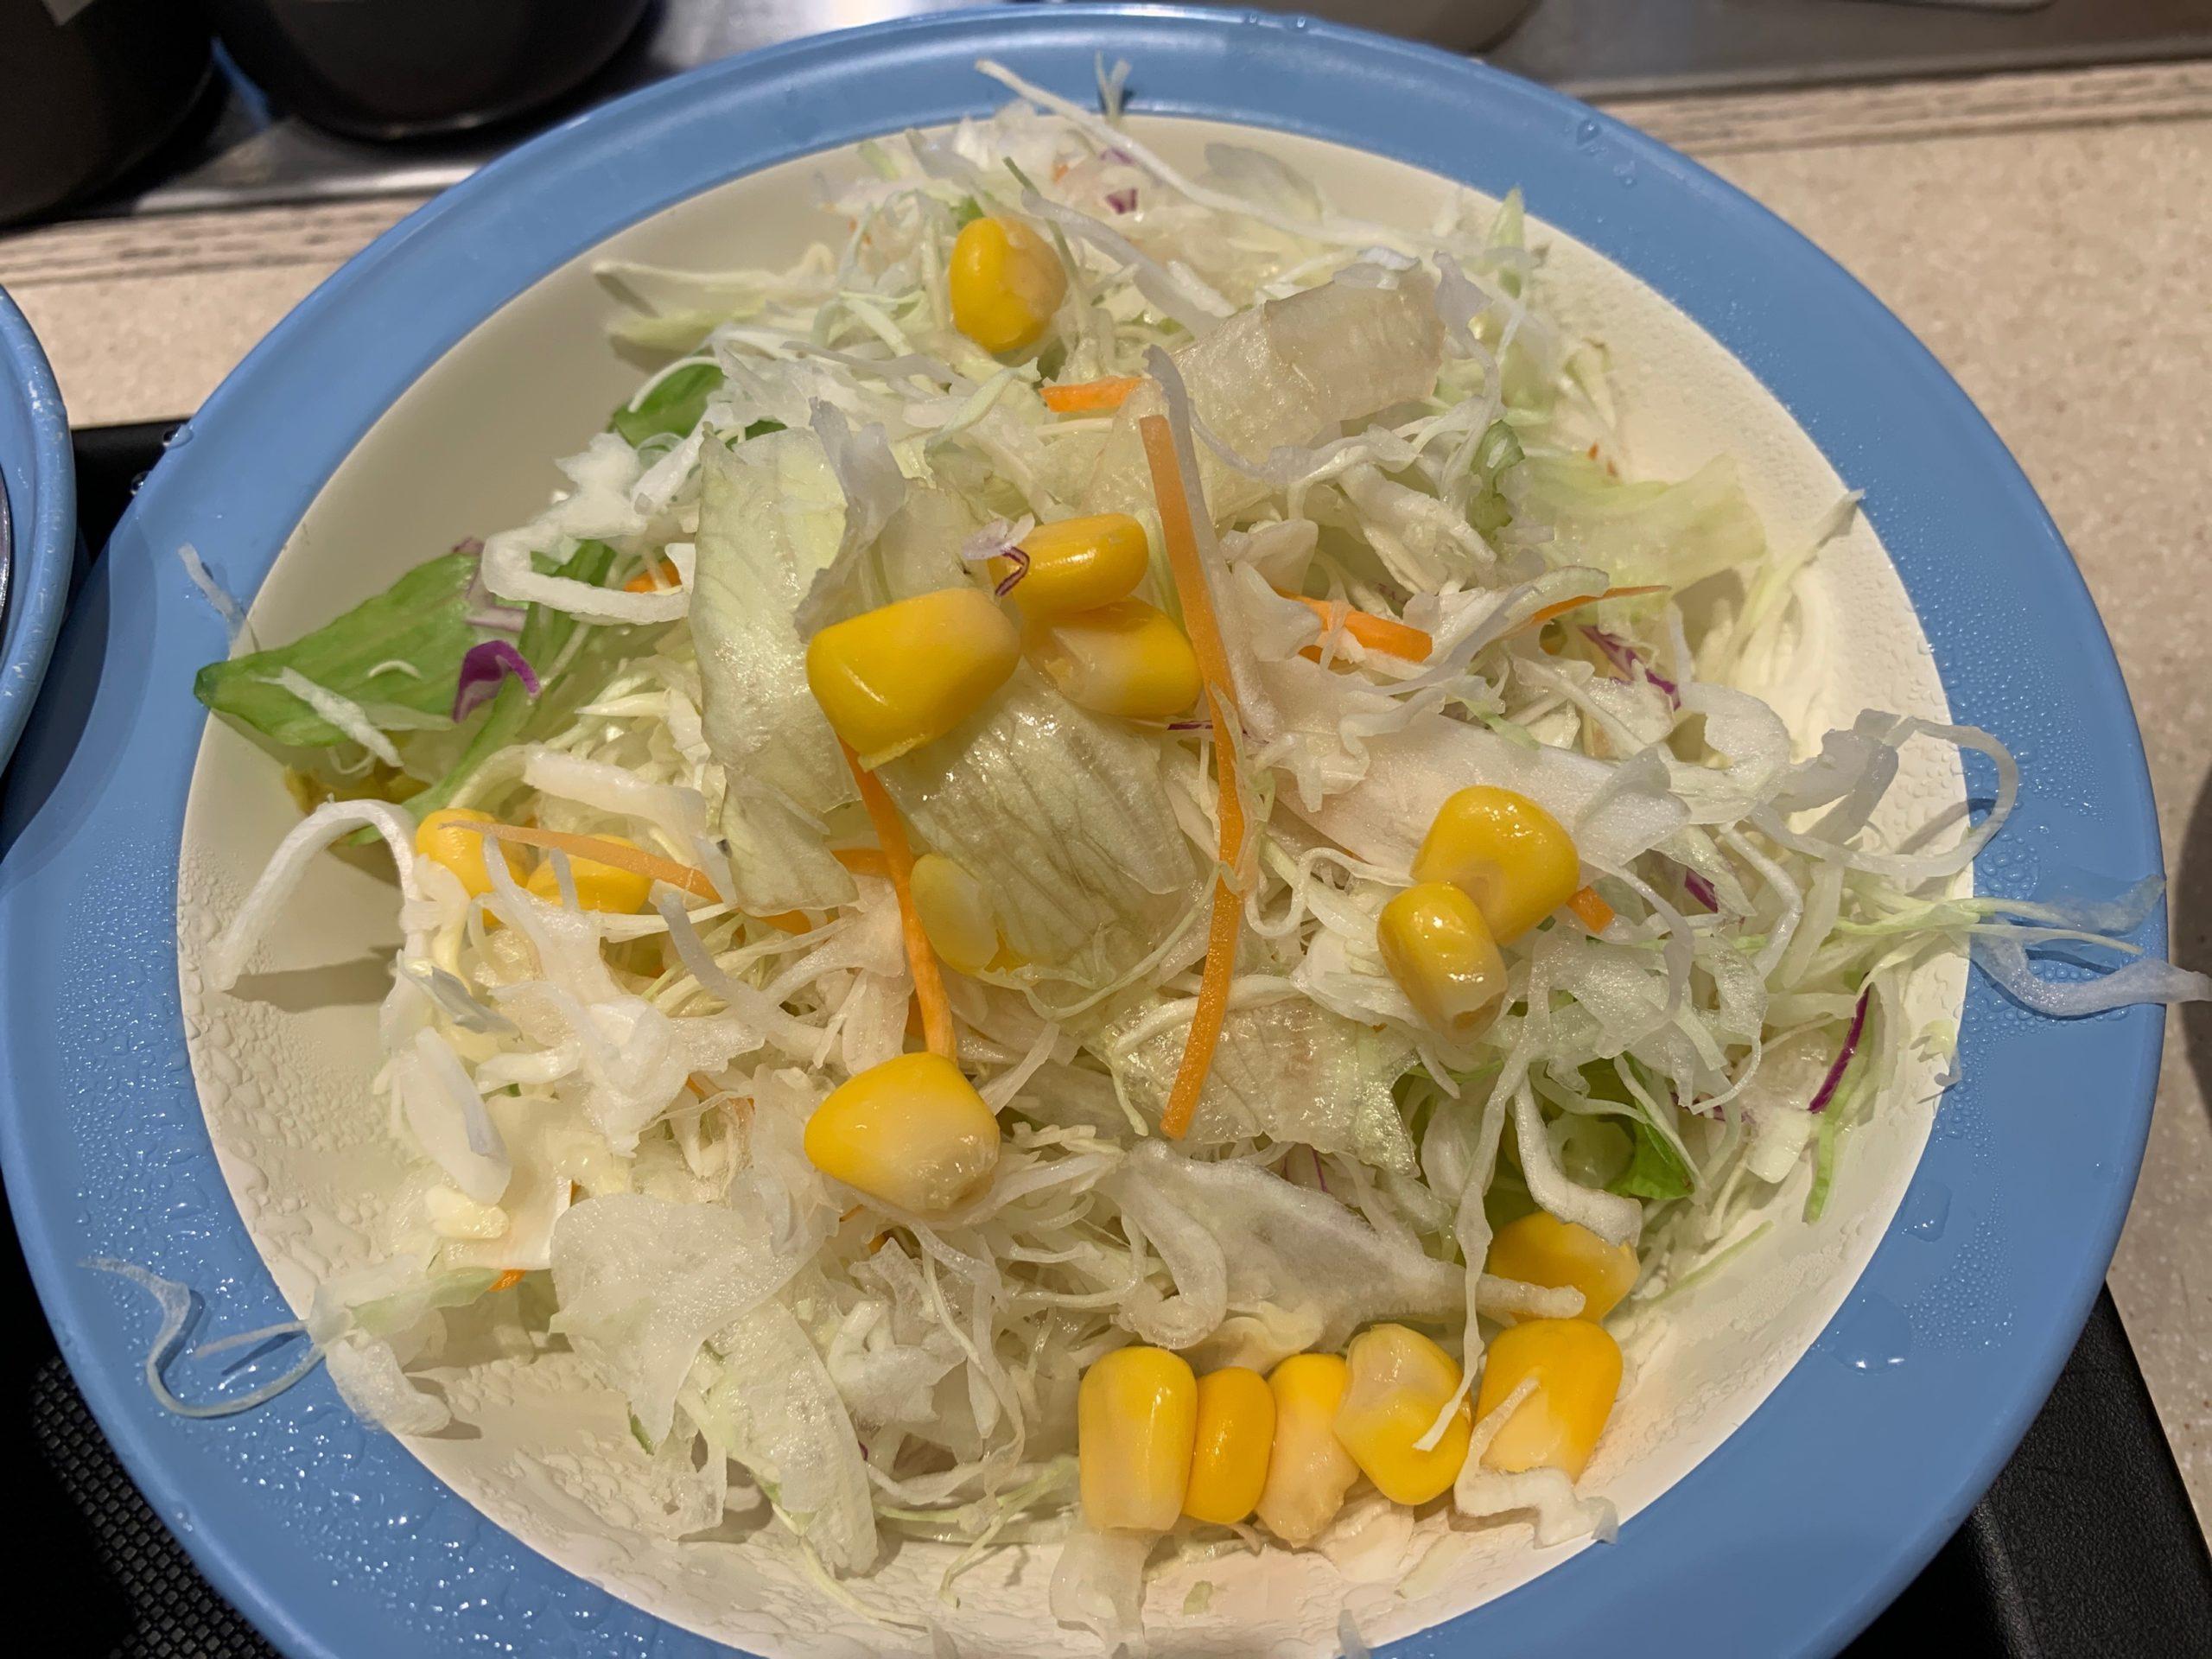 松屋山形だし三色丼のセットの野菜